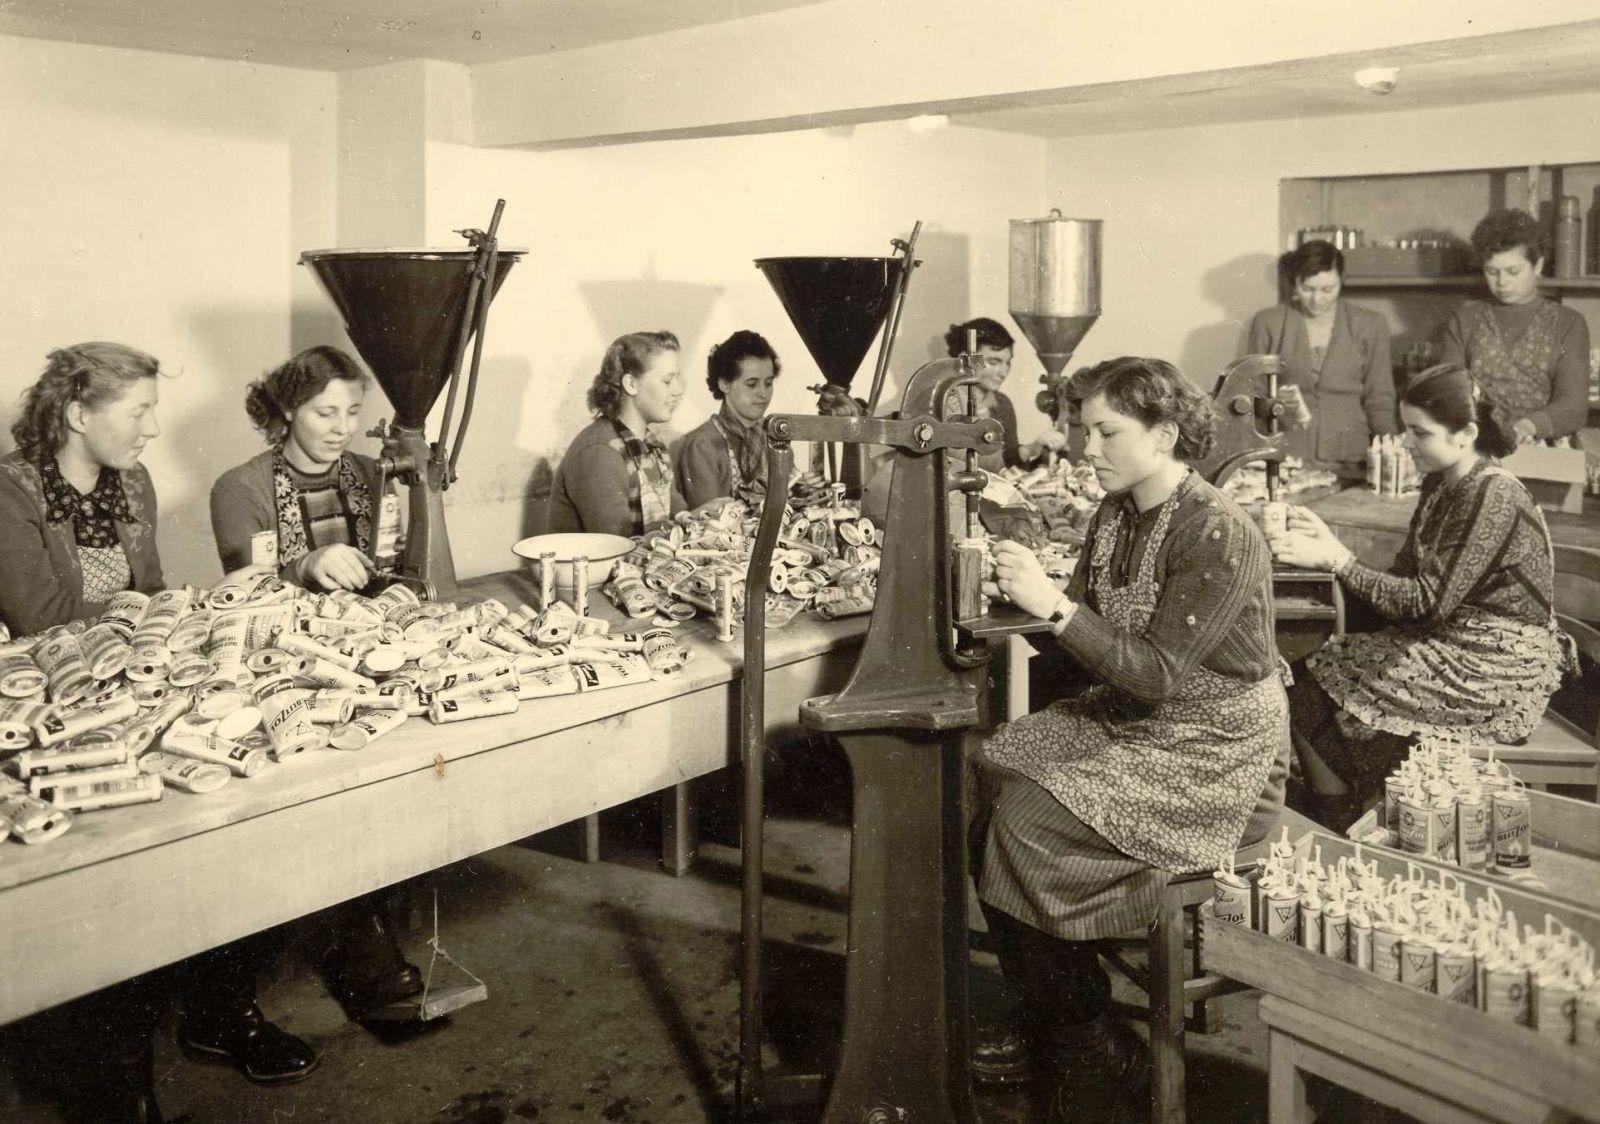 Wenn Frauen in den Betrieben arbeiteten, dann lange vor allem am Ende der Produktionskette bei der Verpackung. Diese Frauen hier waren 1953 mit dem Abfüllen und Verpacken von Feuerzeugbenzin und Zündsteinen beschäftigt.